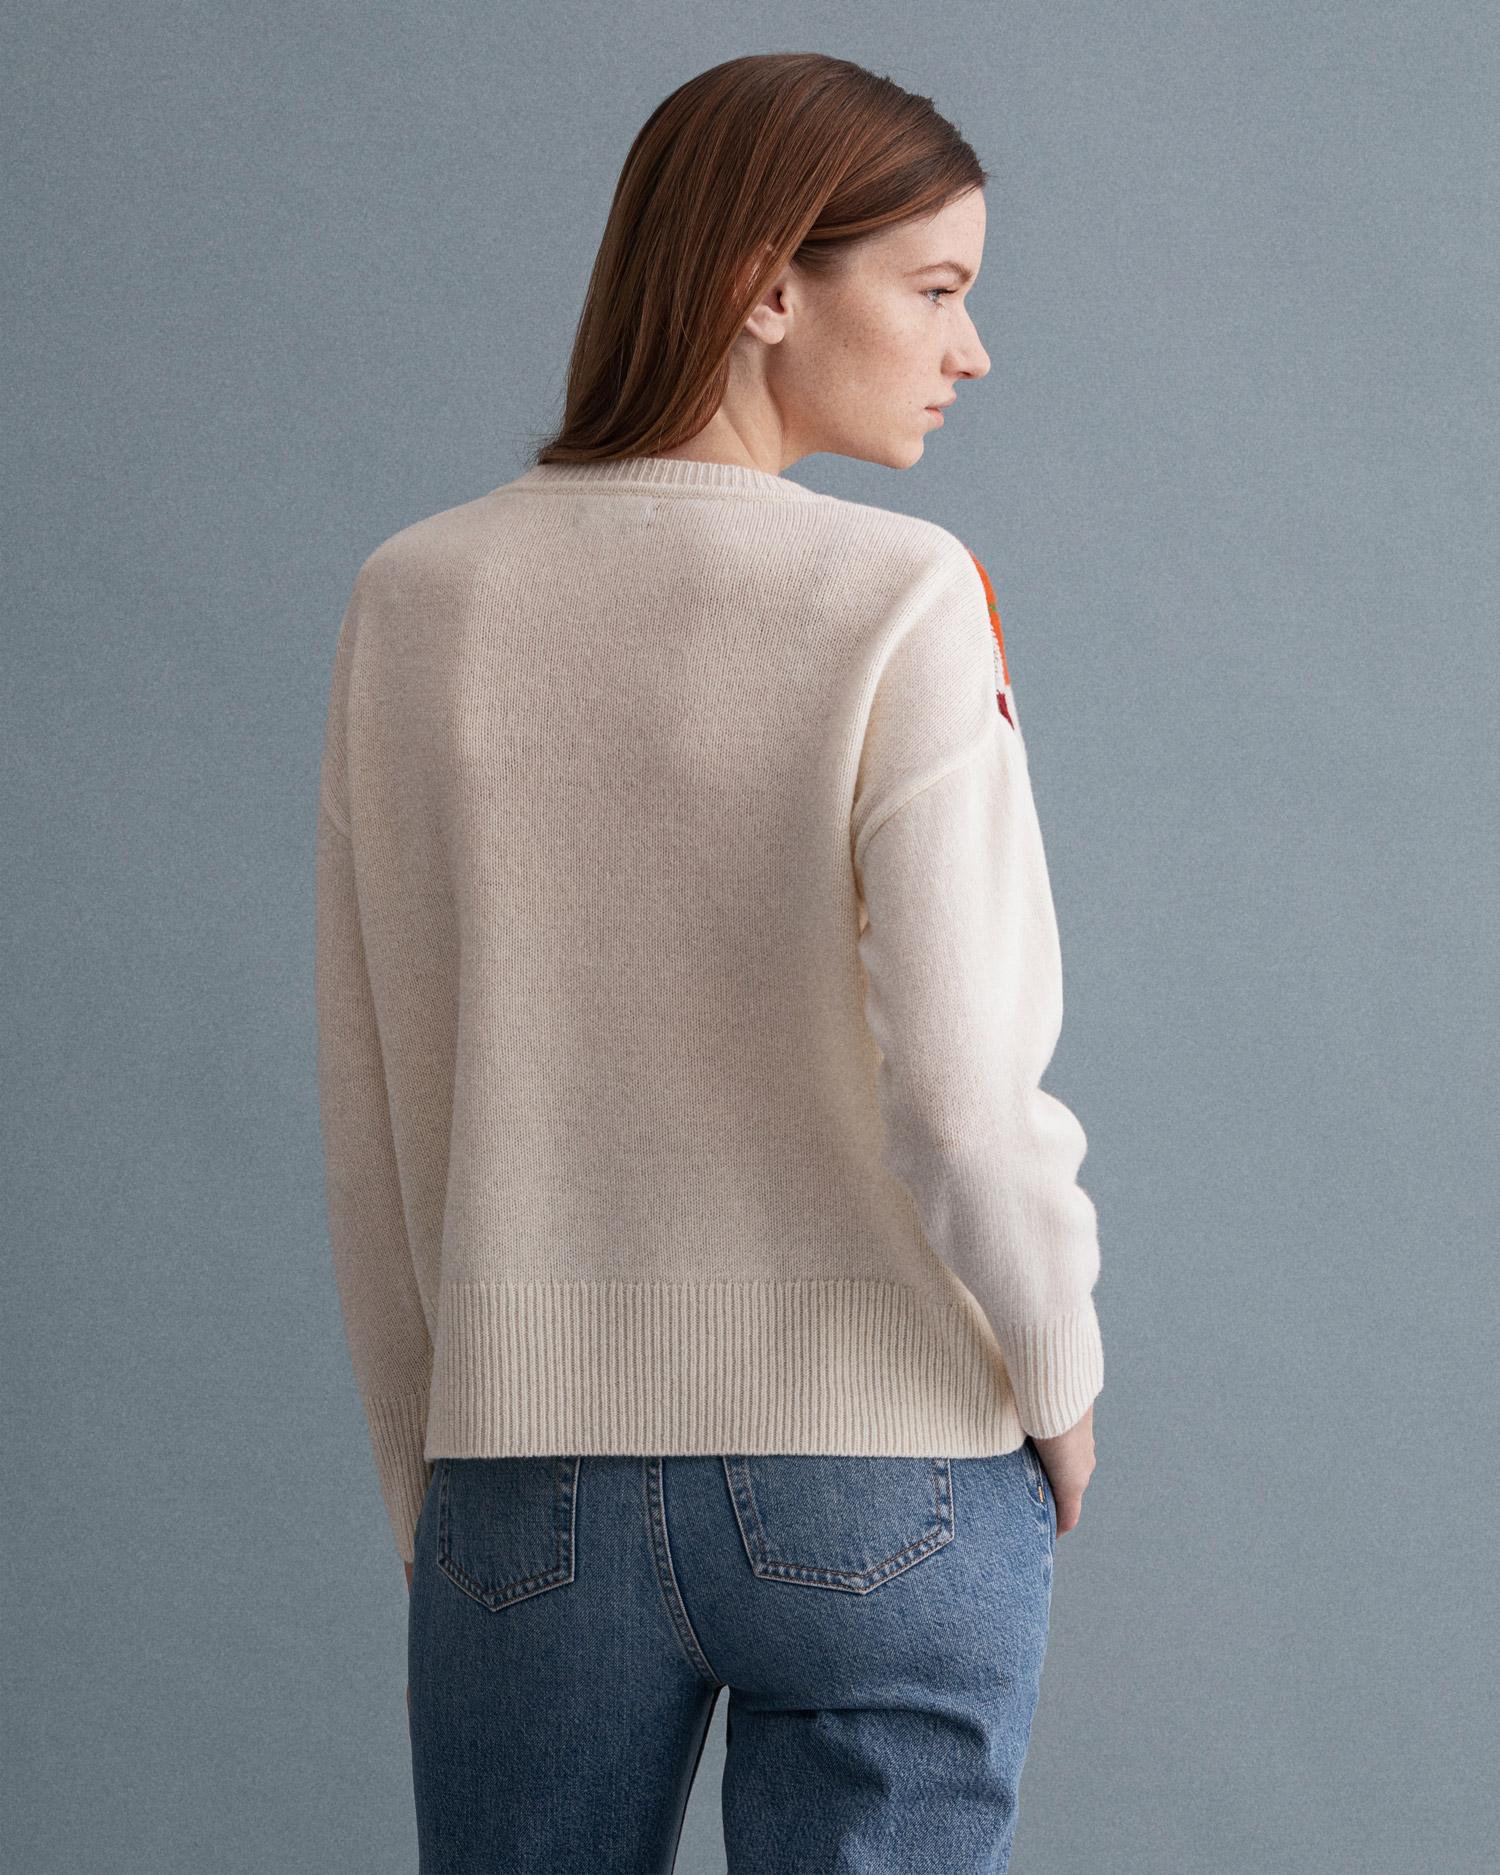 GANT damski sweter z okrągłym dekoltem Agryle - 4802101